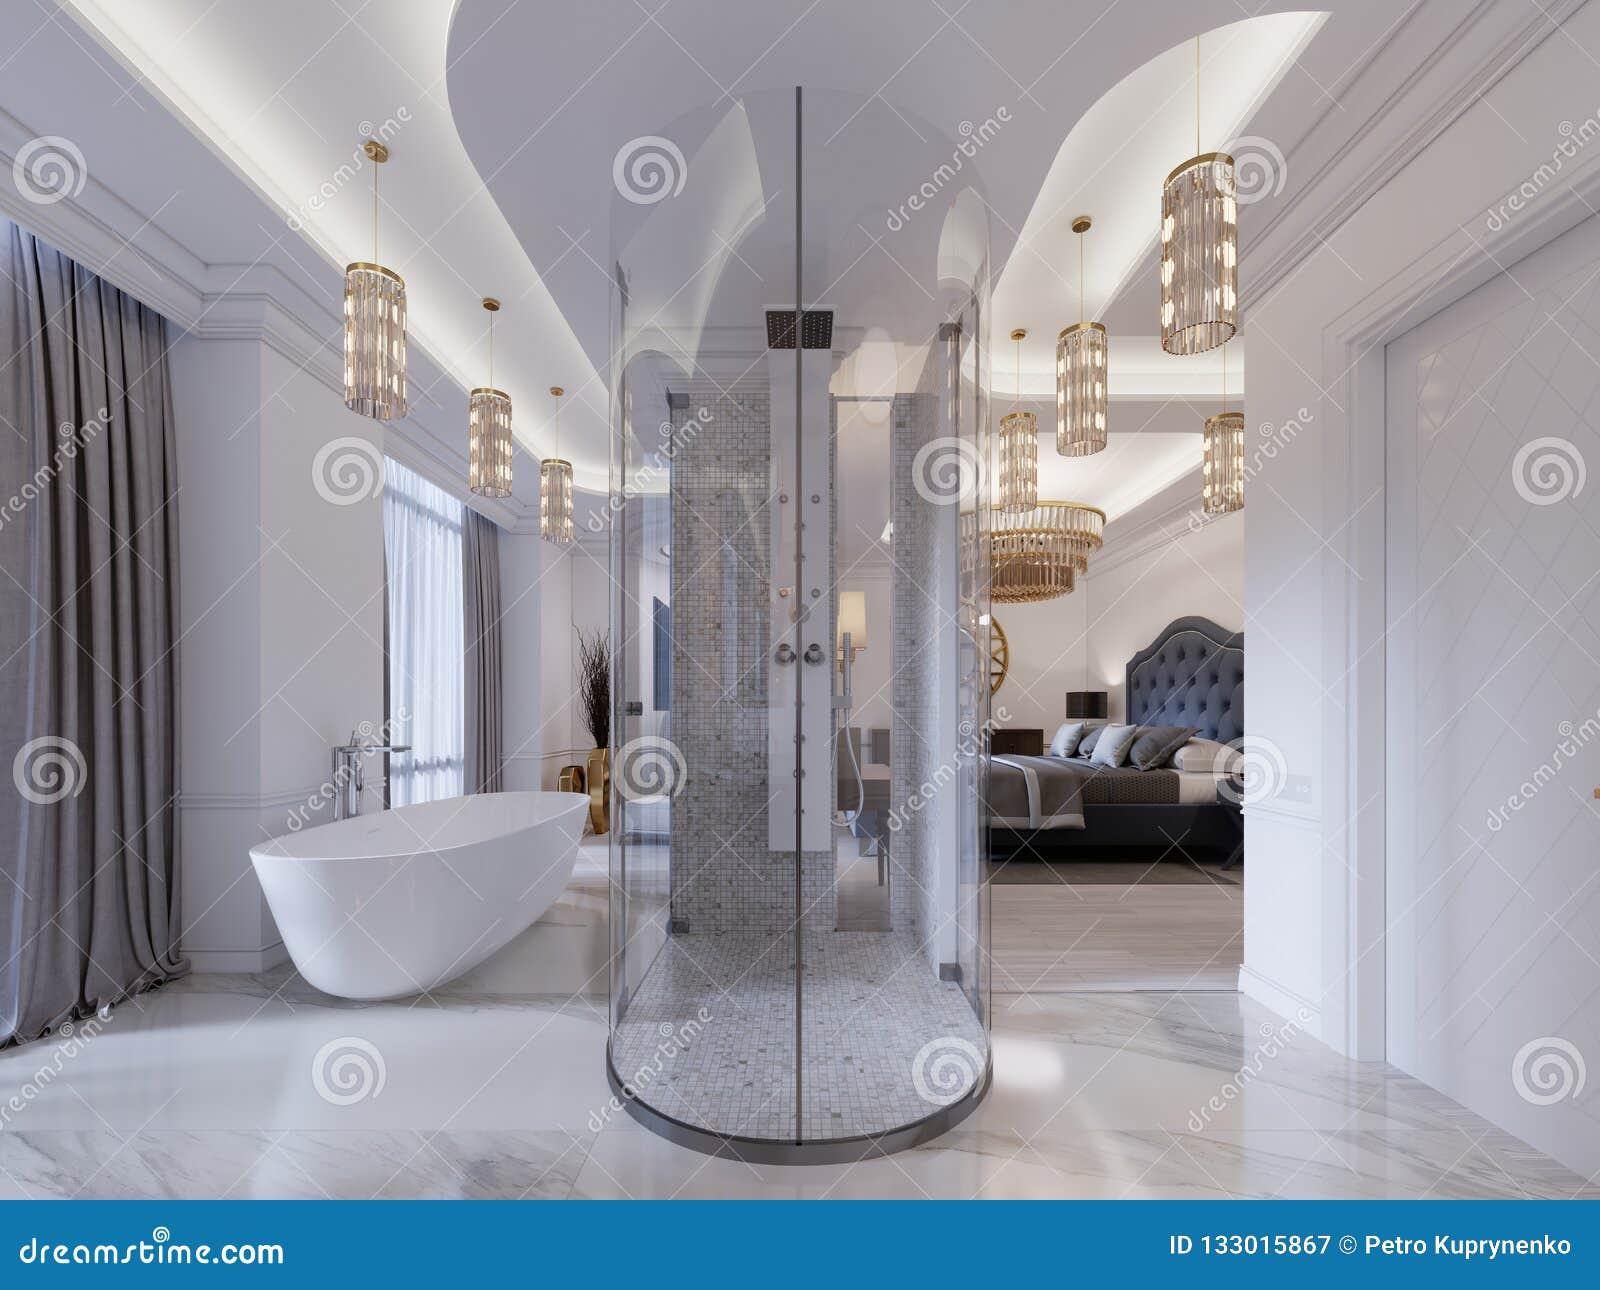 Chambre Ouverte Salle De Bain salle de bains ouverte moderne dans la chambre d'amis avec